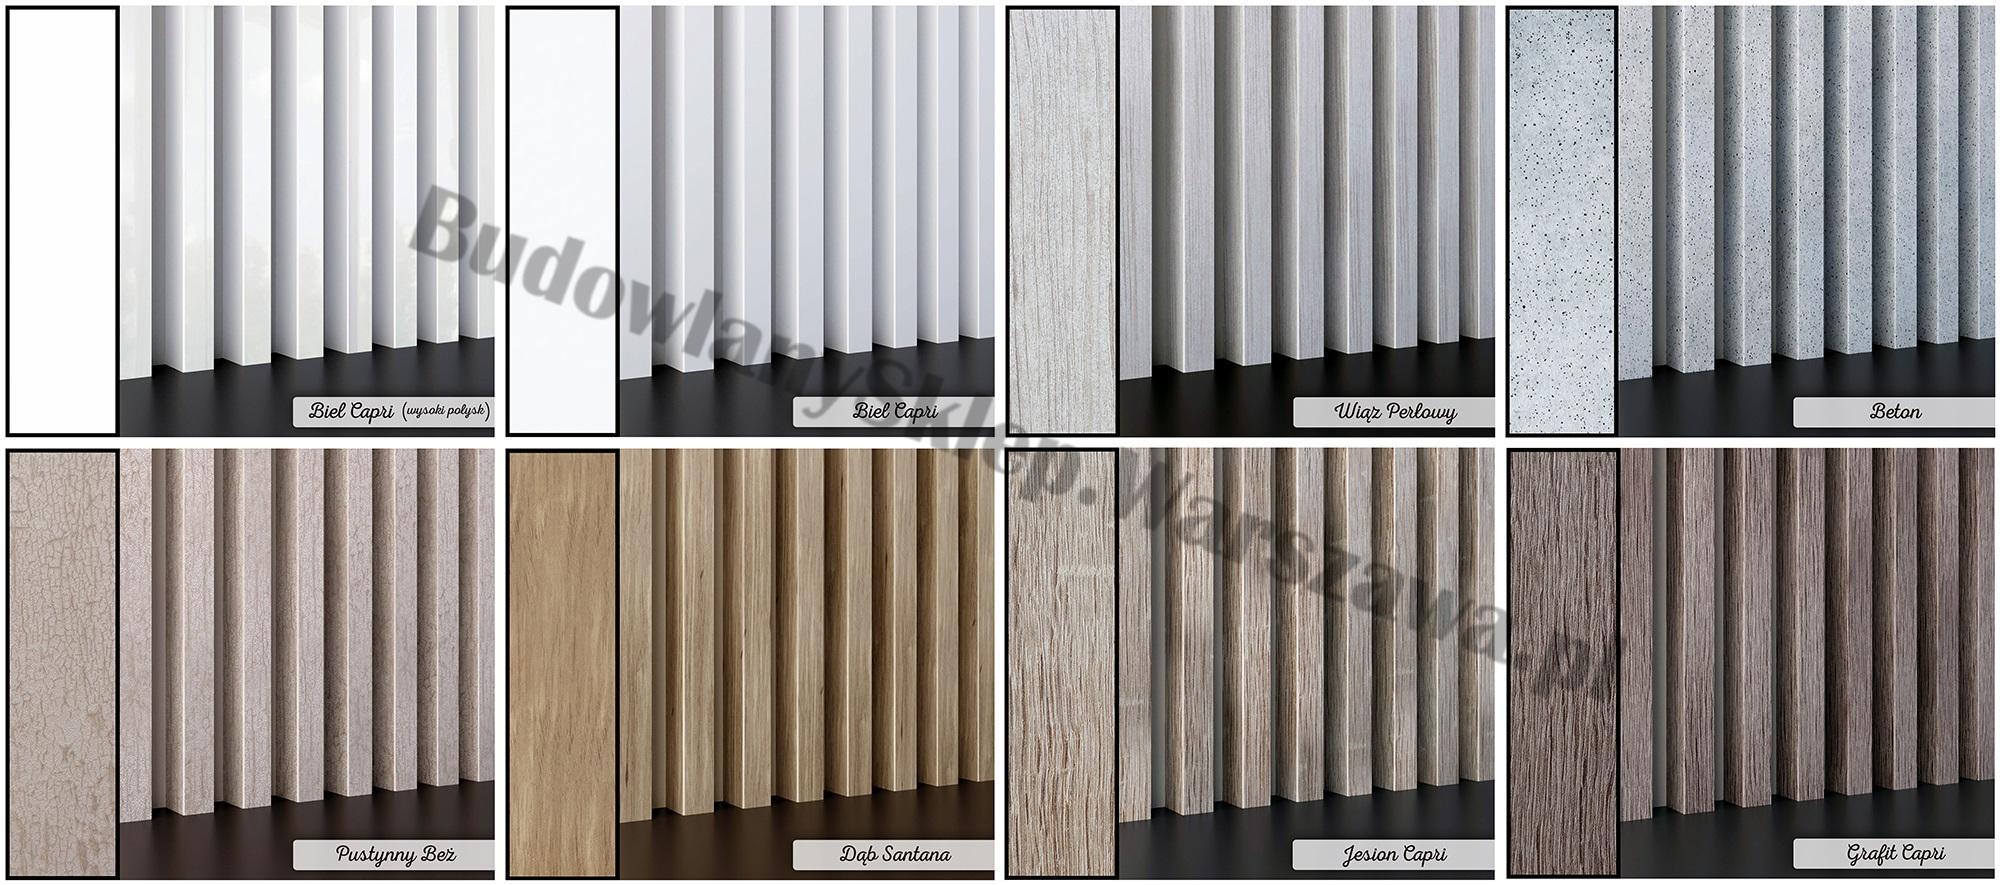 Lamele dekoracyjne panele pionowe listwy 3d ozdobne na ścianę lub sufit 2,8m kolor ORZECH CAPRI